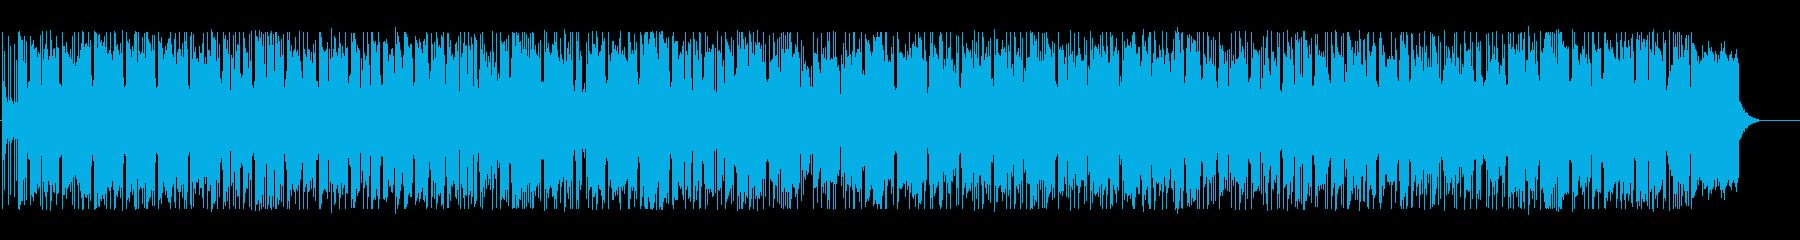 優しくメロウなBGMの再生済みの波形